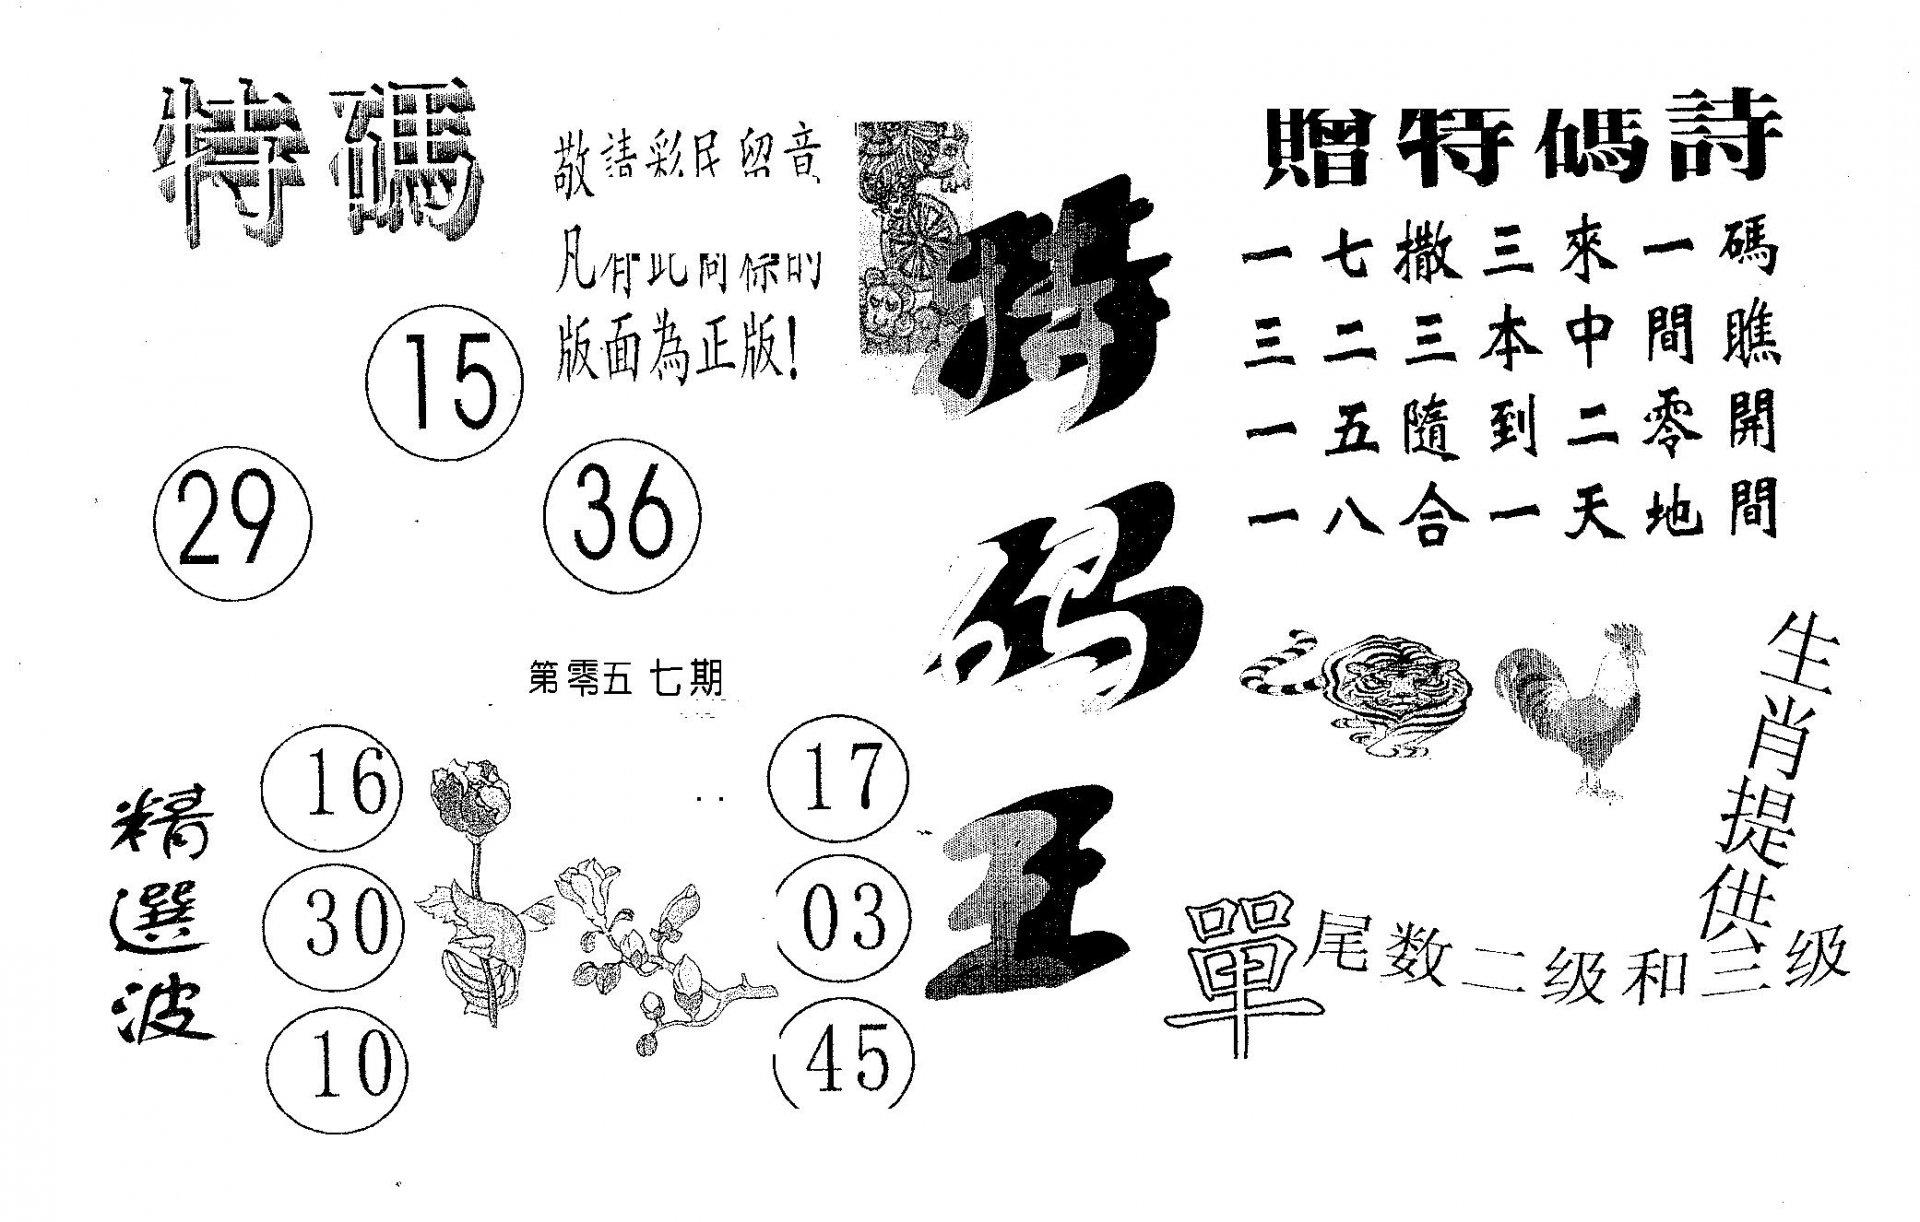 057期特码王A(黑白)